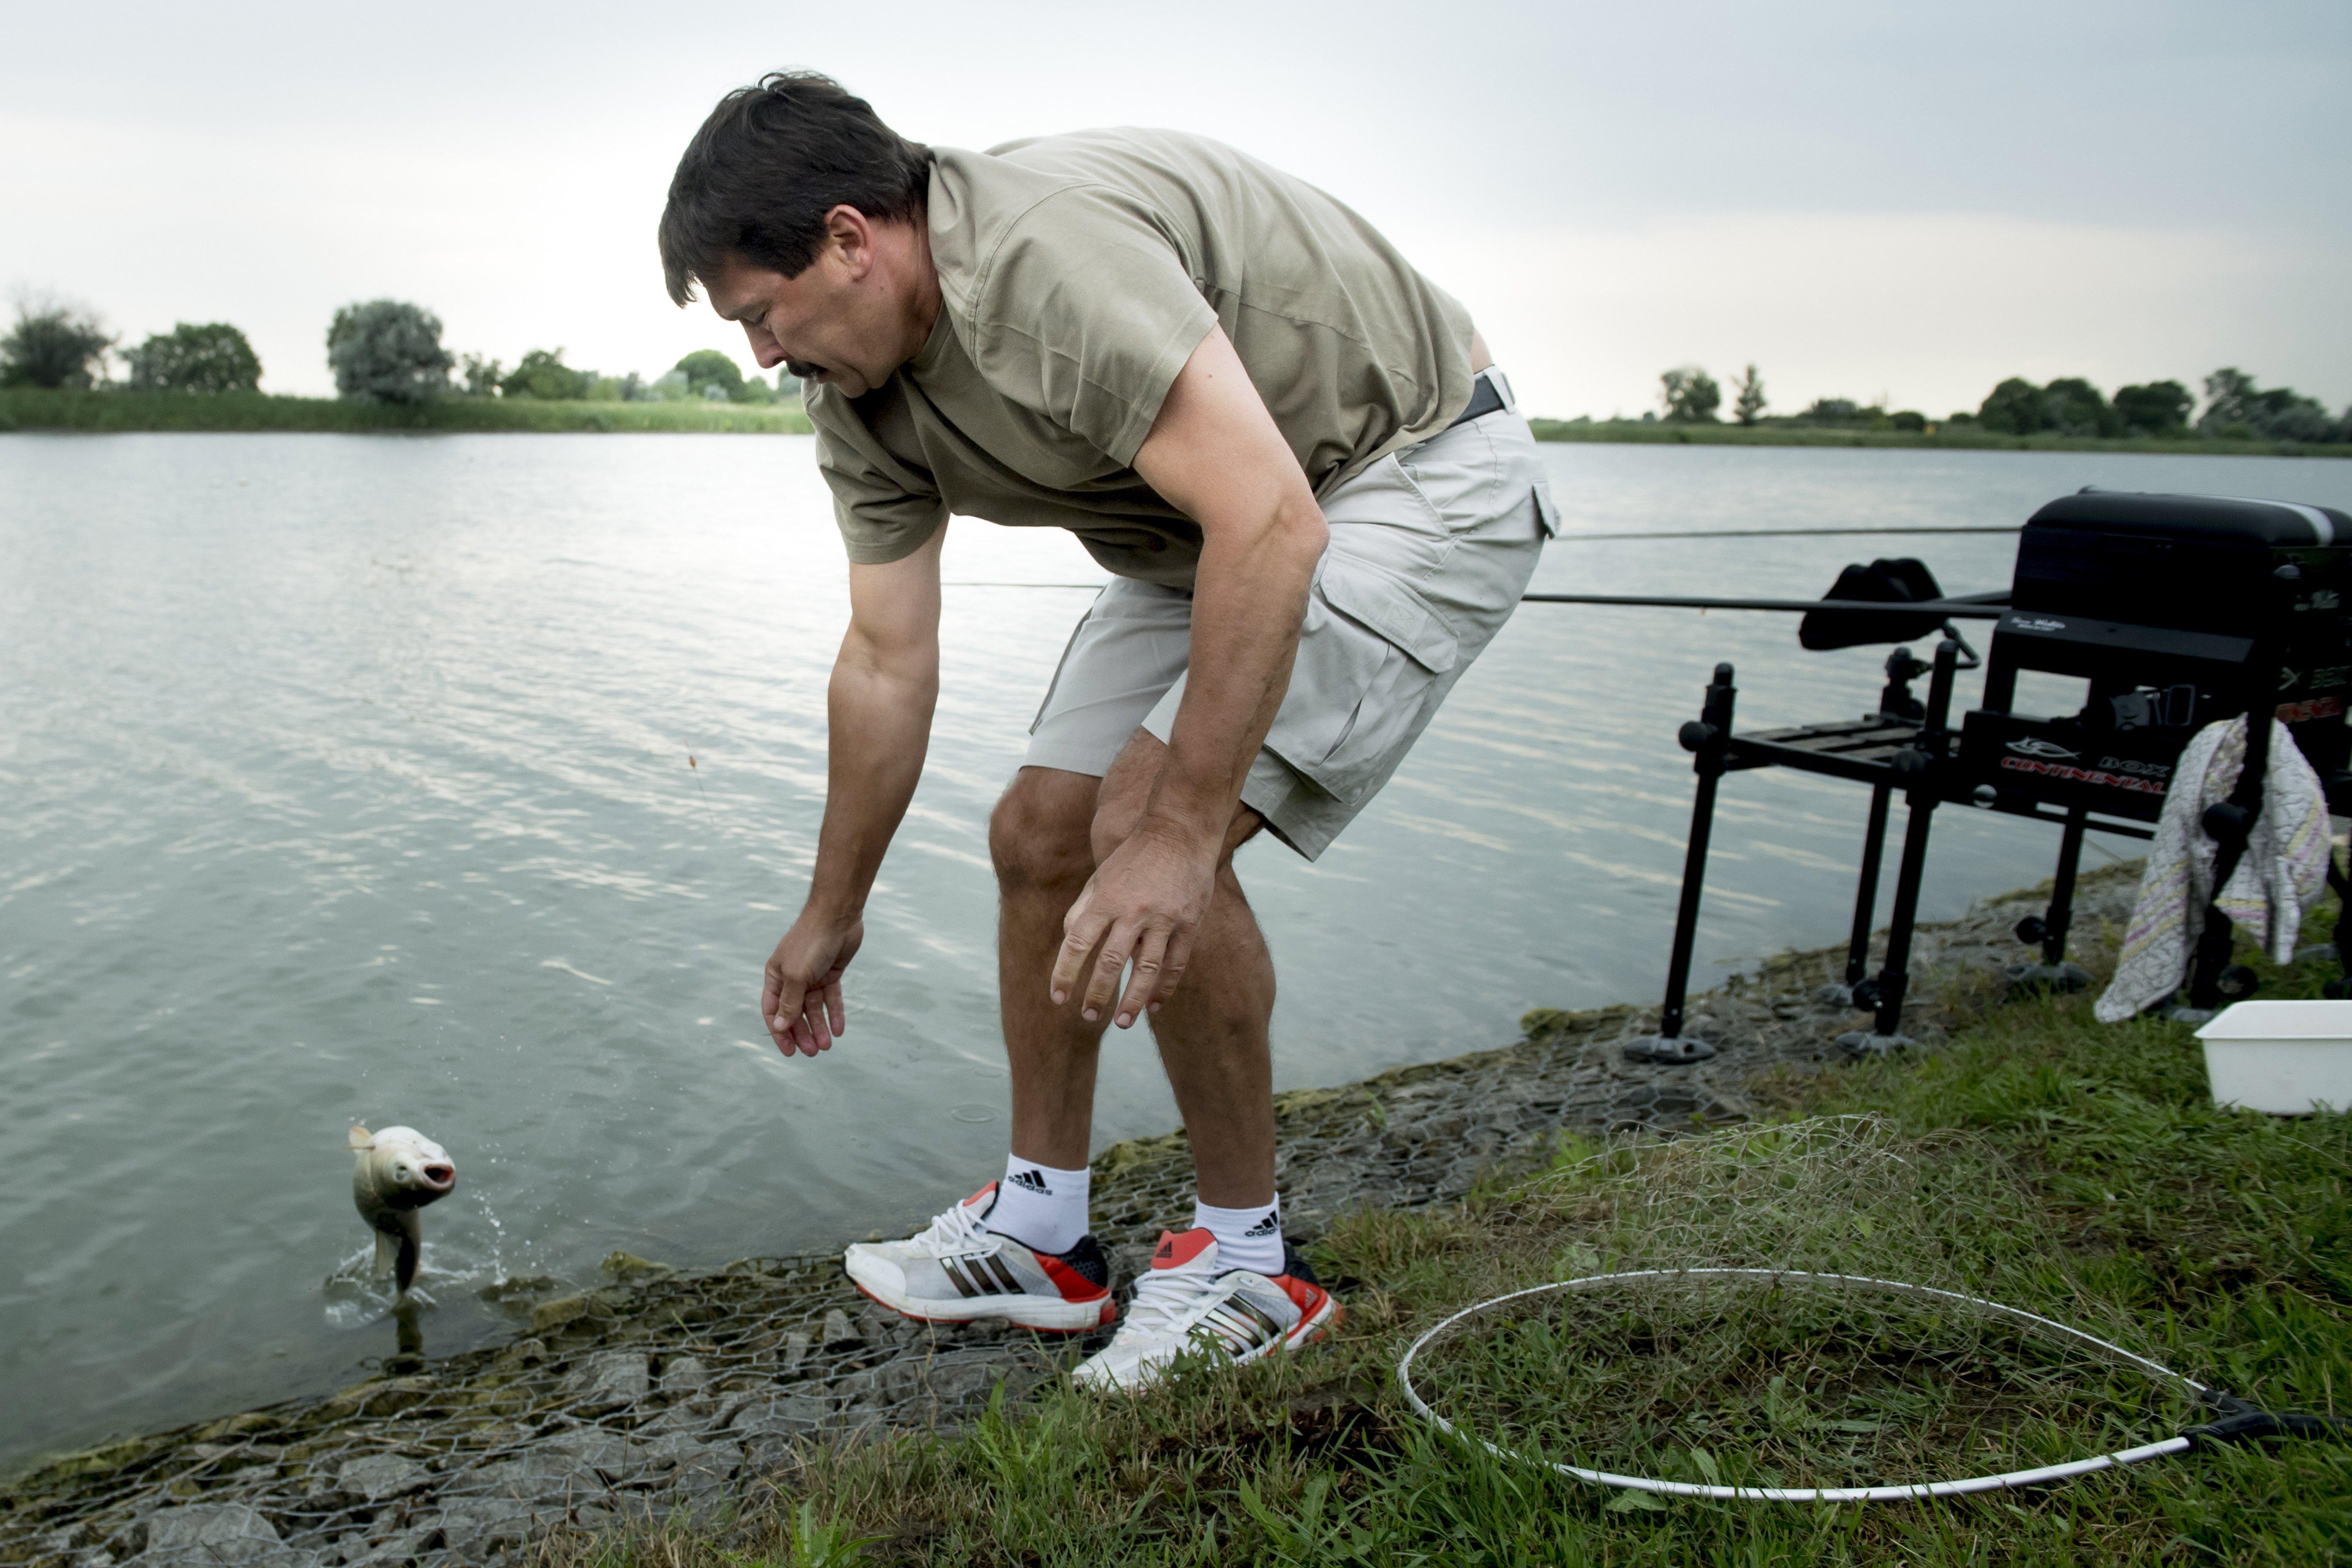 Áder János horgászás közben túltolta a normcore-t